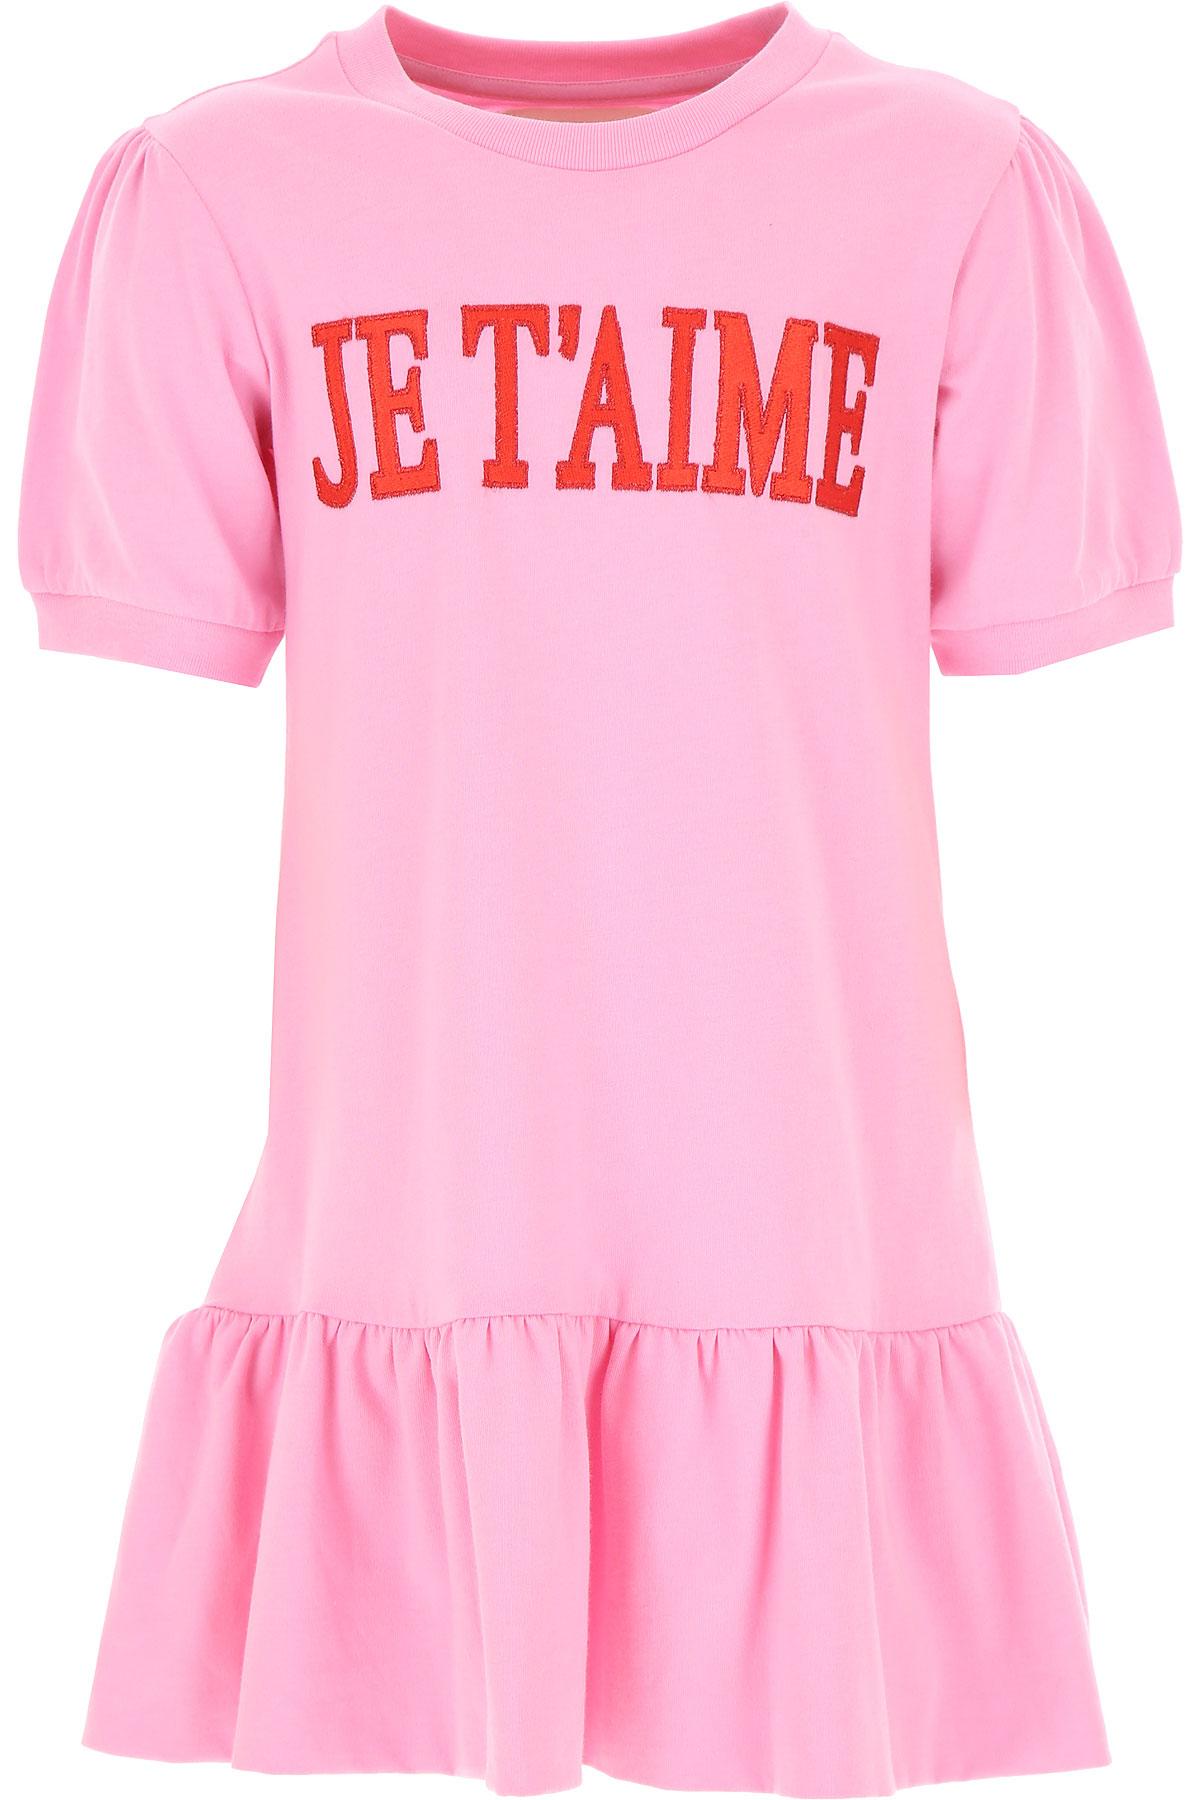 Alberta Ferretti Girls Dress On Sale, Candy Pink, Cotton, 2019, 4Y 6Y